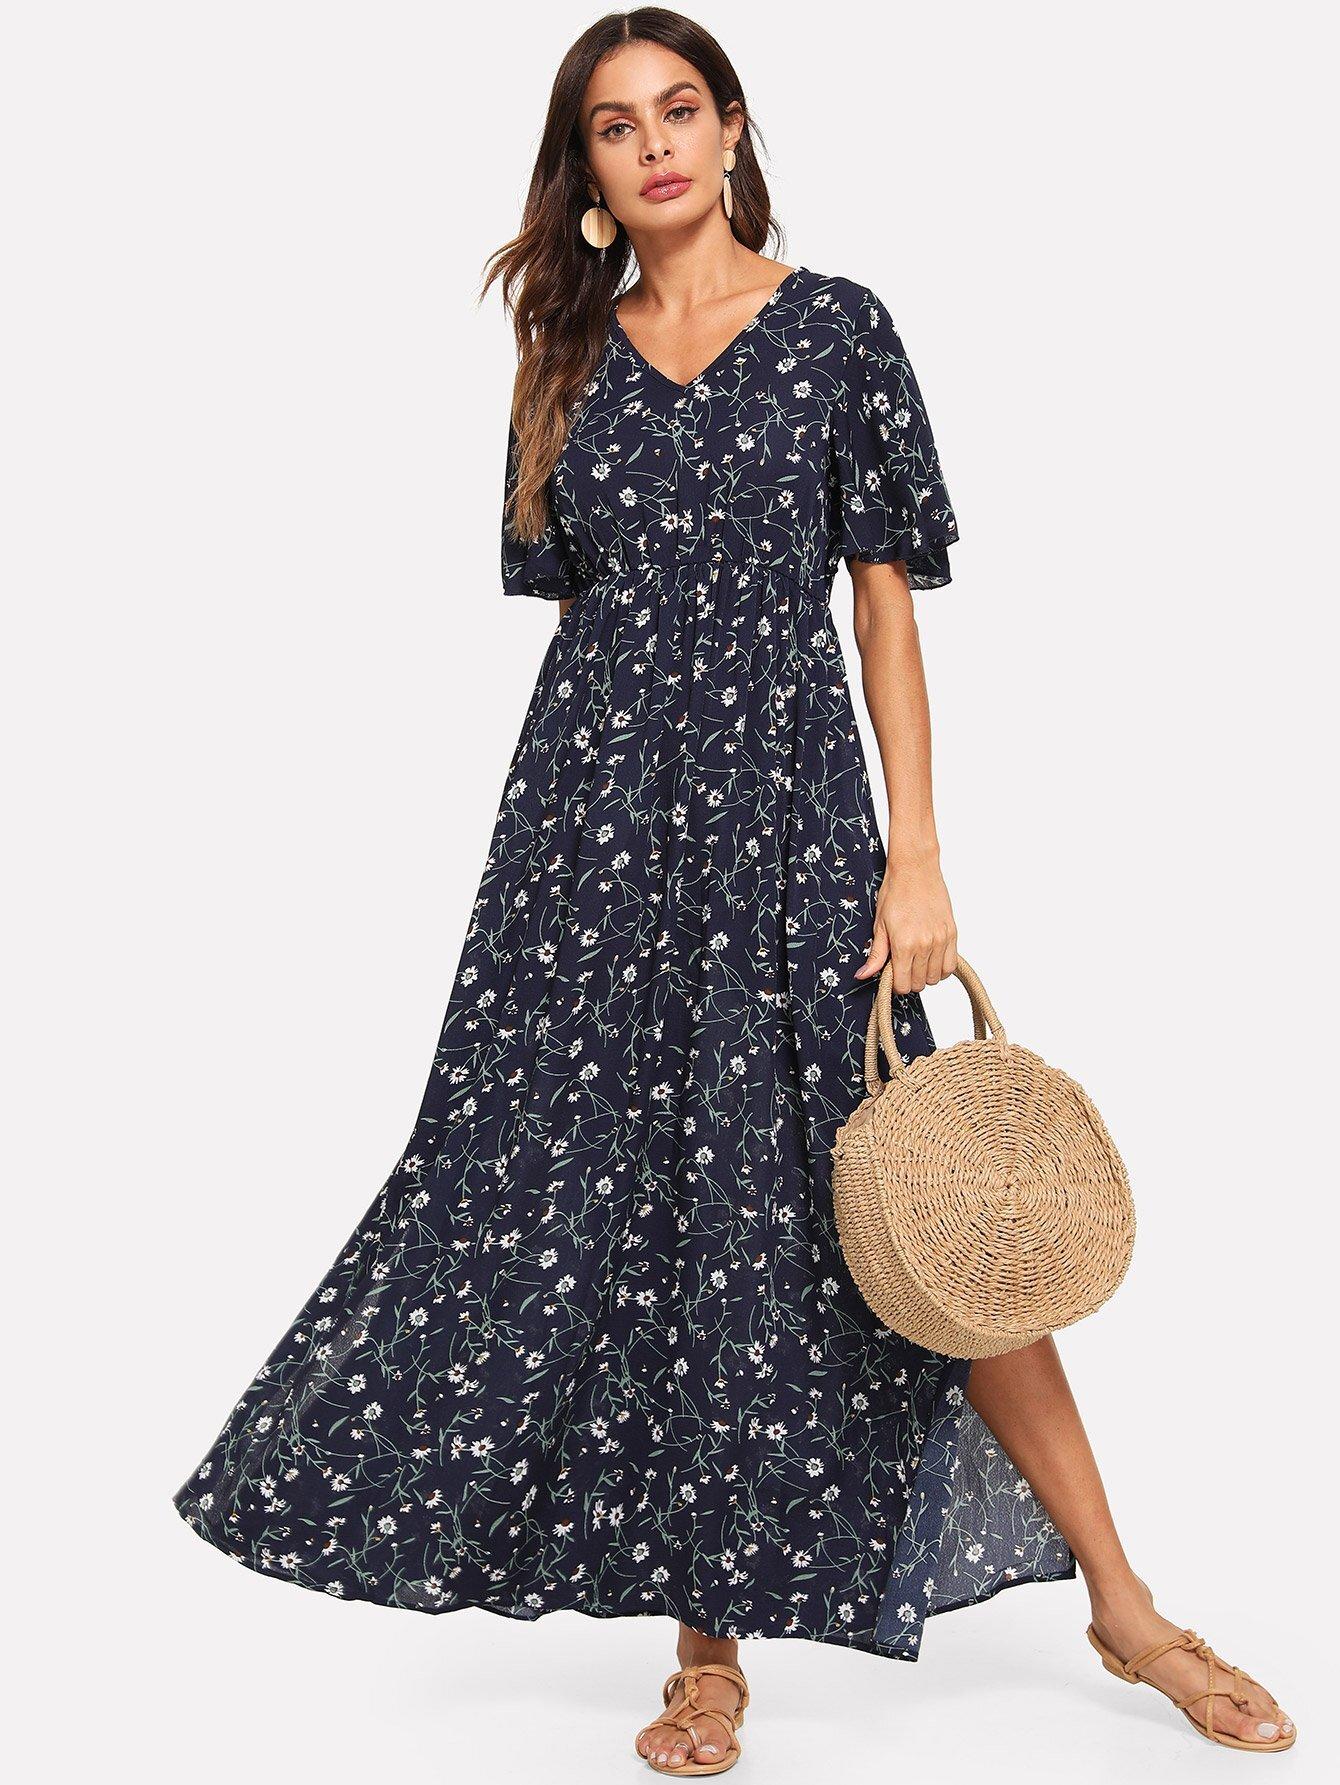 Платье с надписью Sleeve Slit Side Daisy, Andy, SheIn  - купить со скидкой